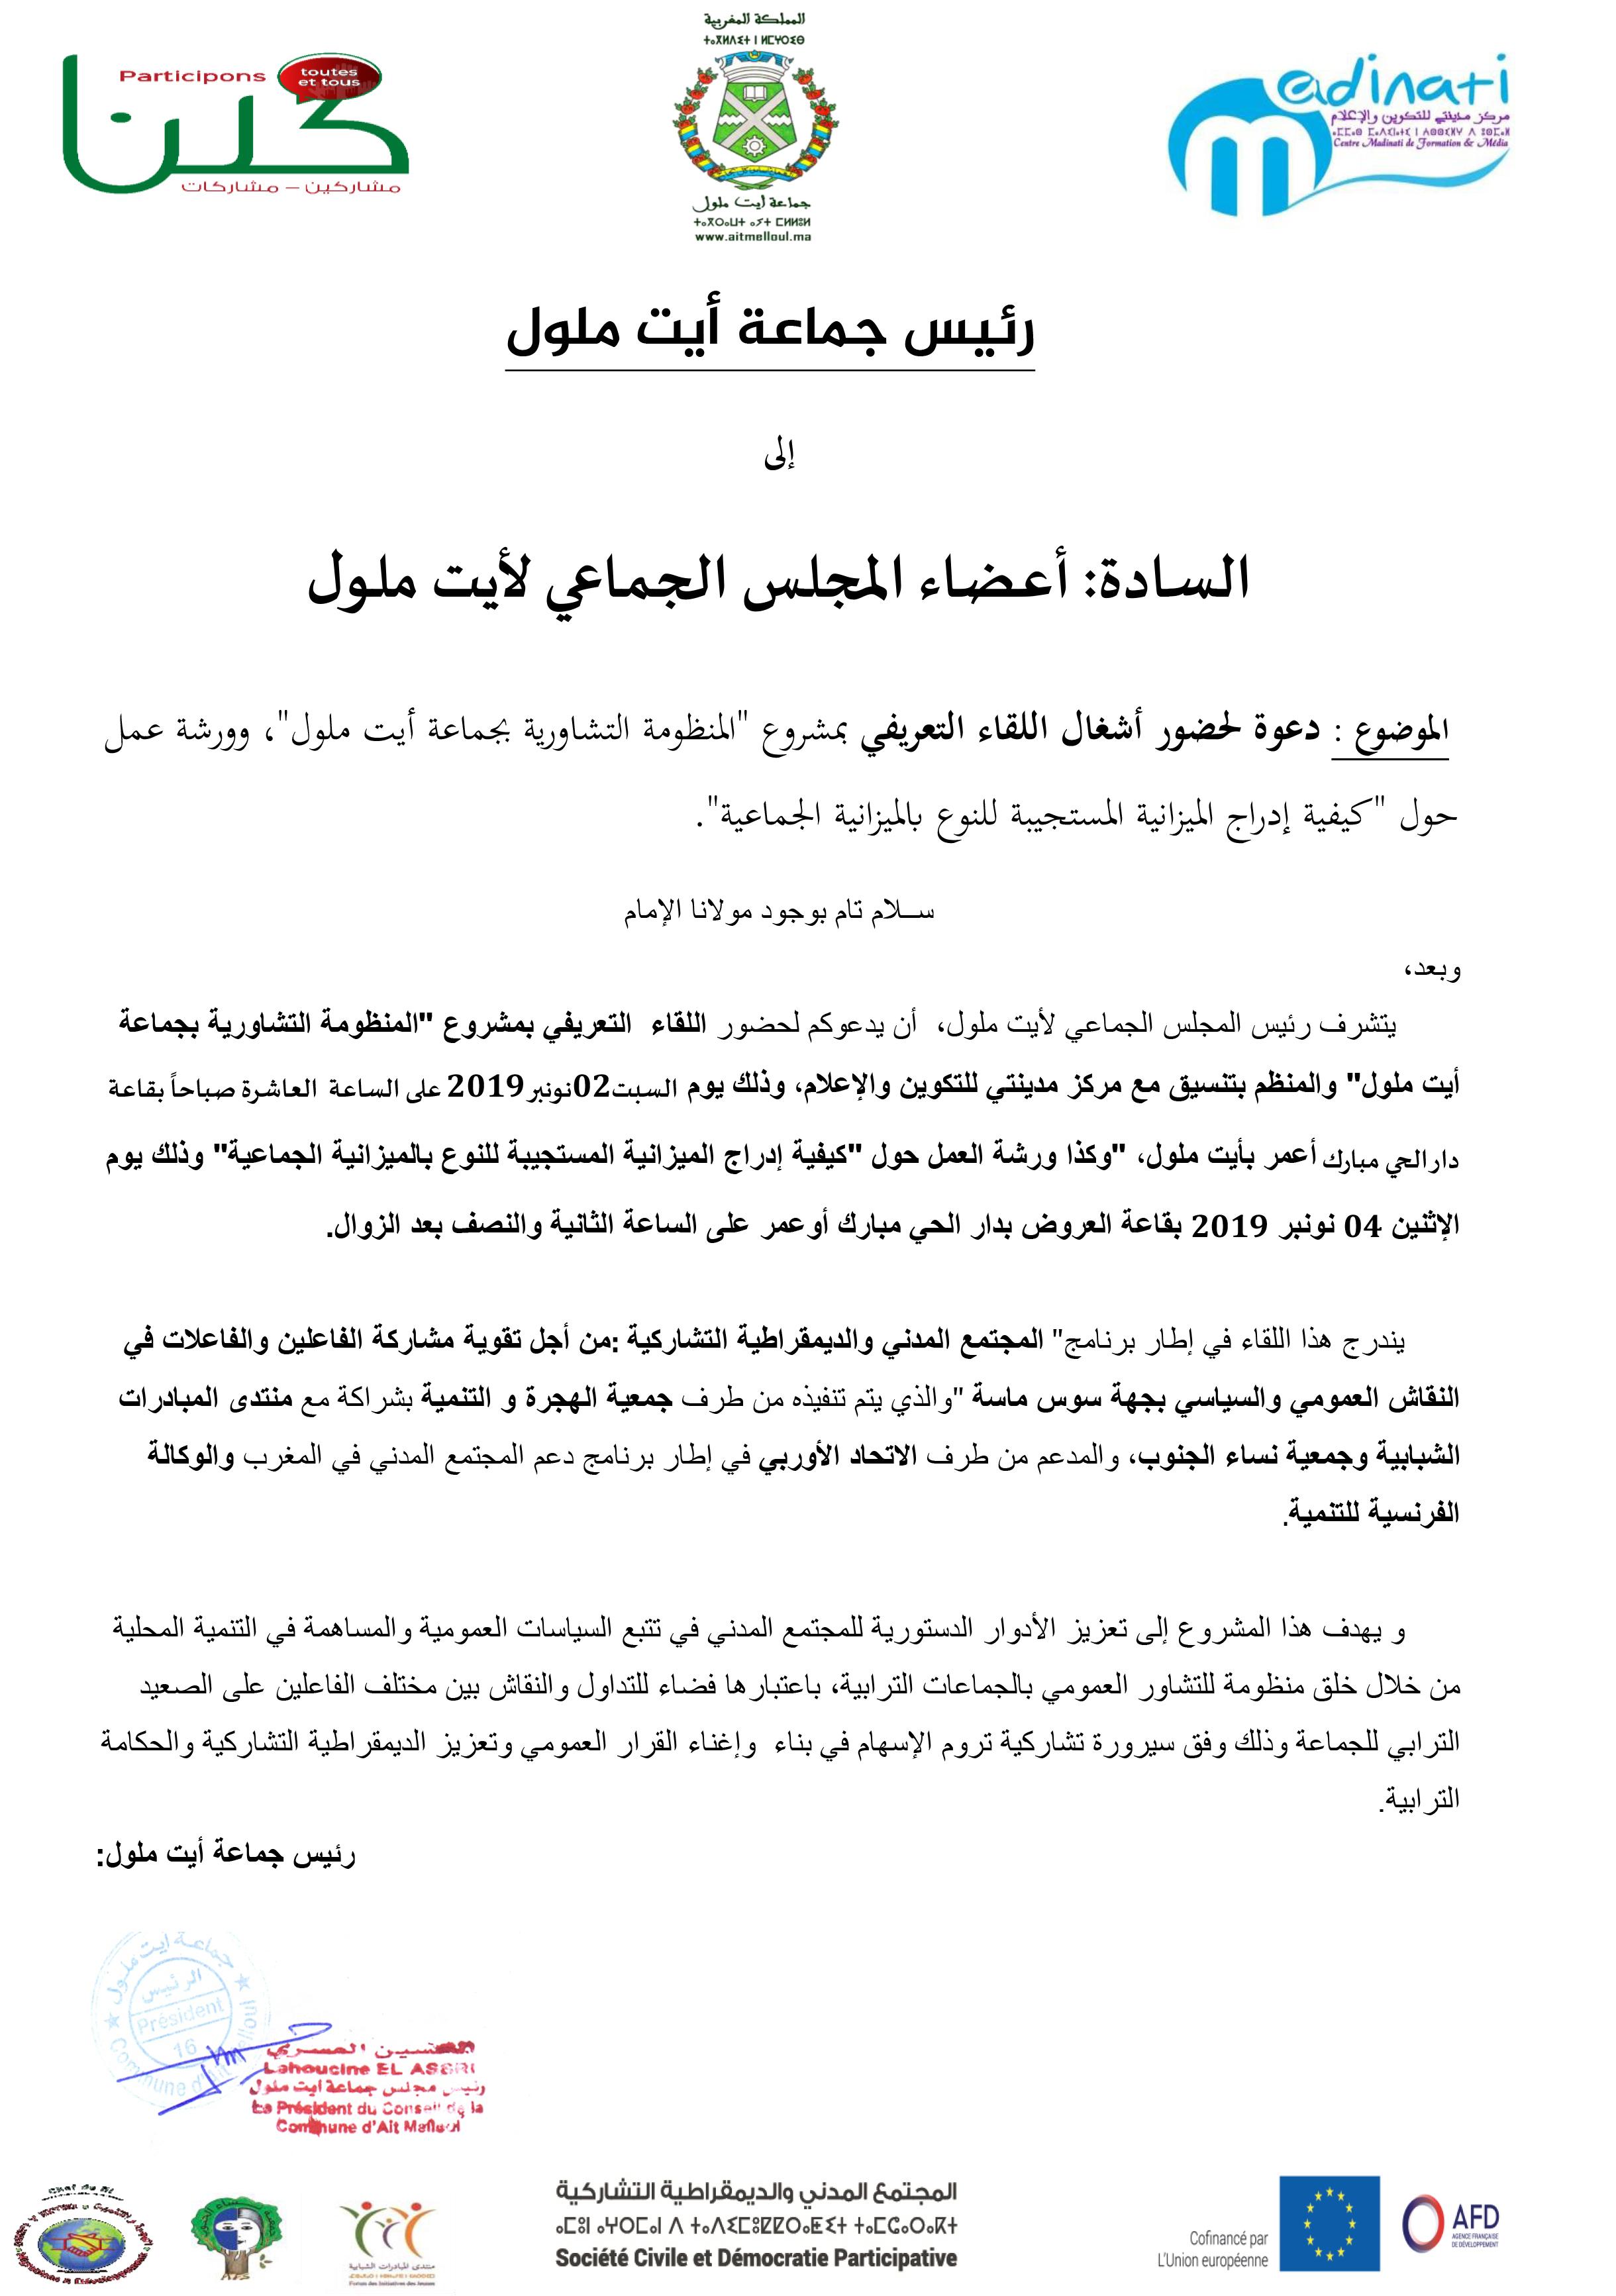 دعوة لأعضاء المجلس الجماعي لأيت ملول لحضور أشغال اللقاء التعريفي بمشروع